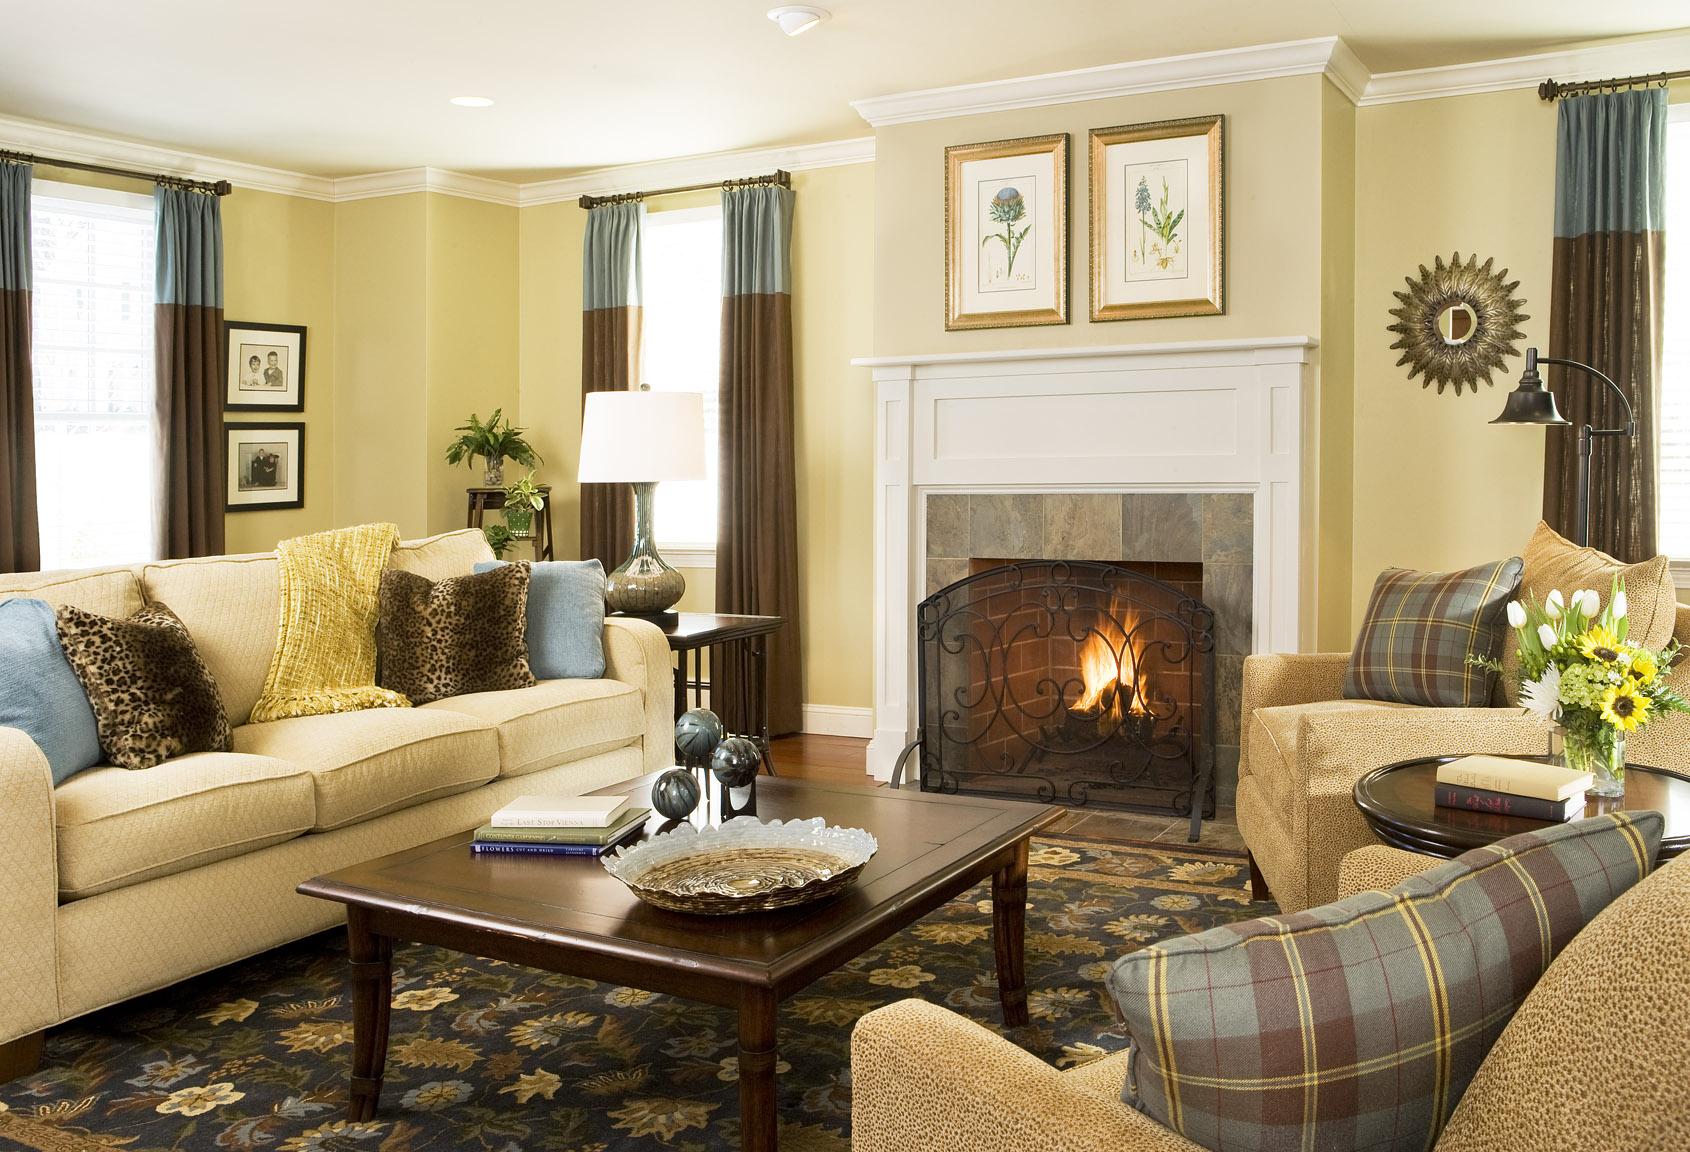 Lugnt grått och gult vardagsrum